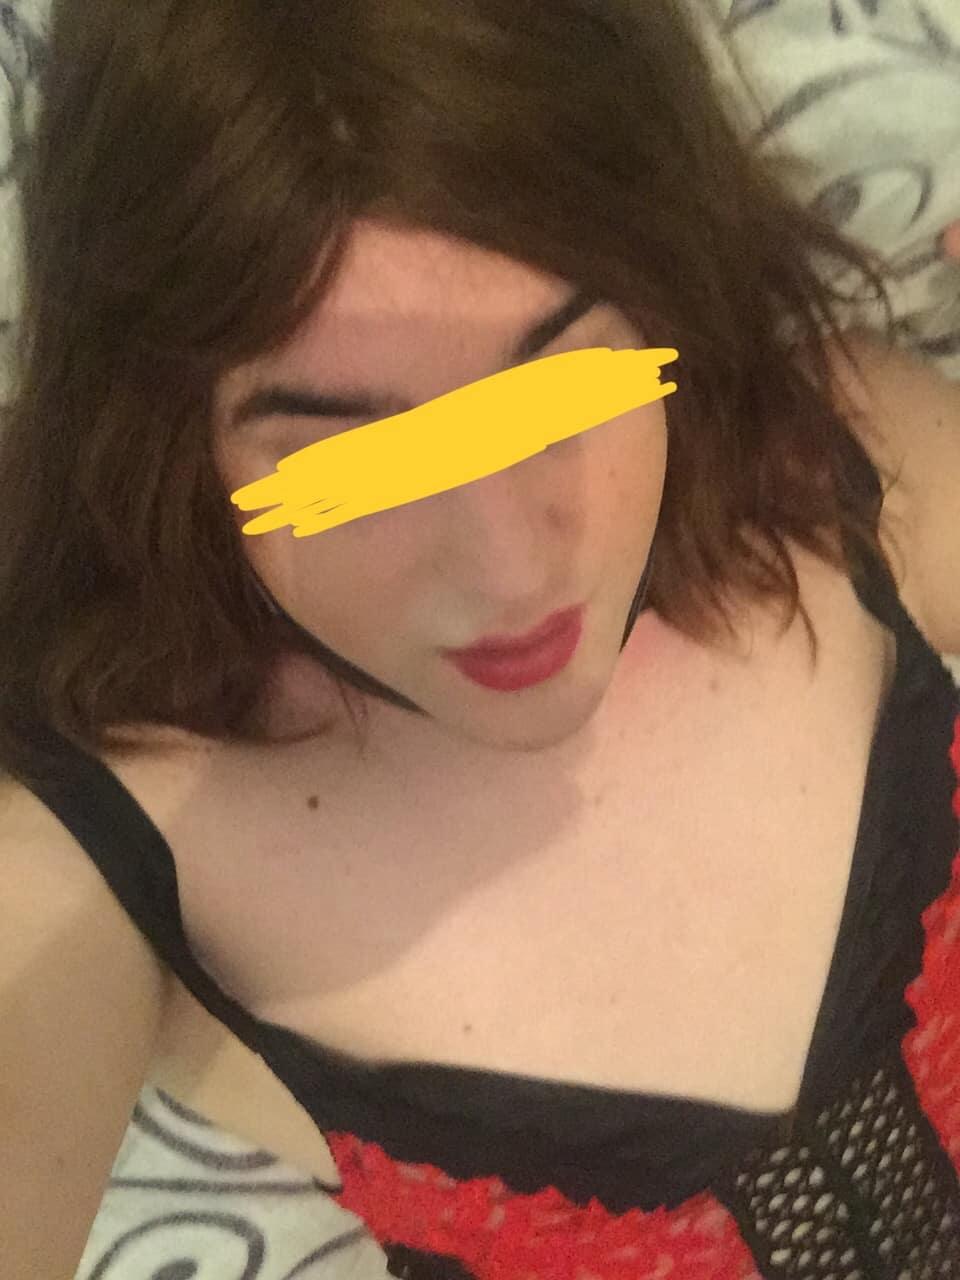 שרה קוקסינלית סקסית בבאר שבע